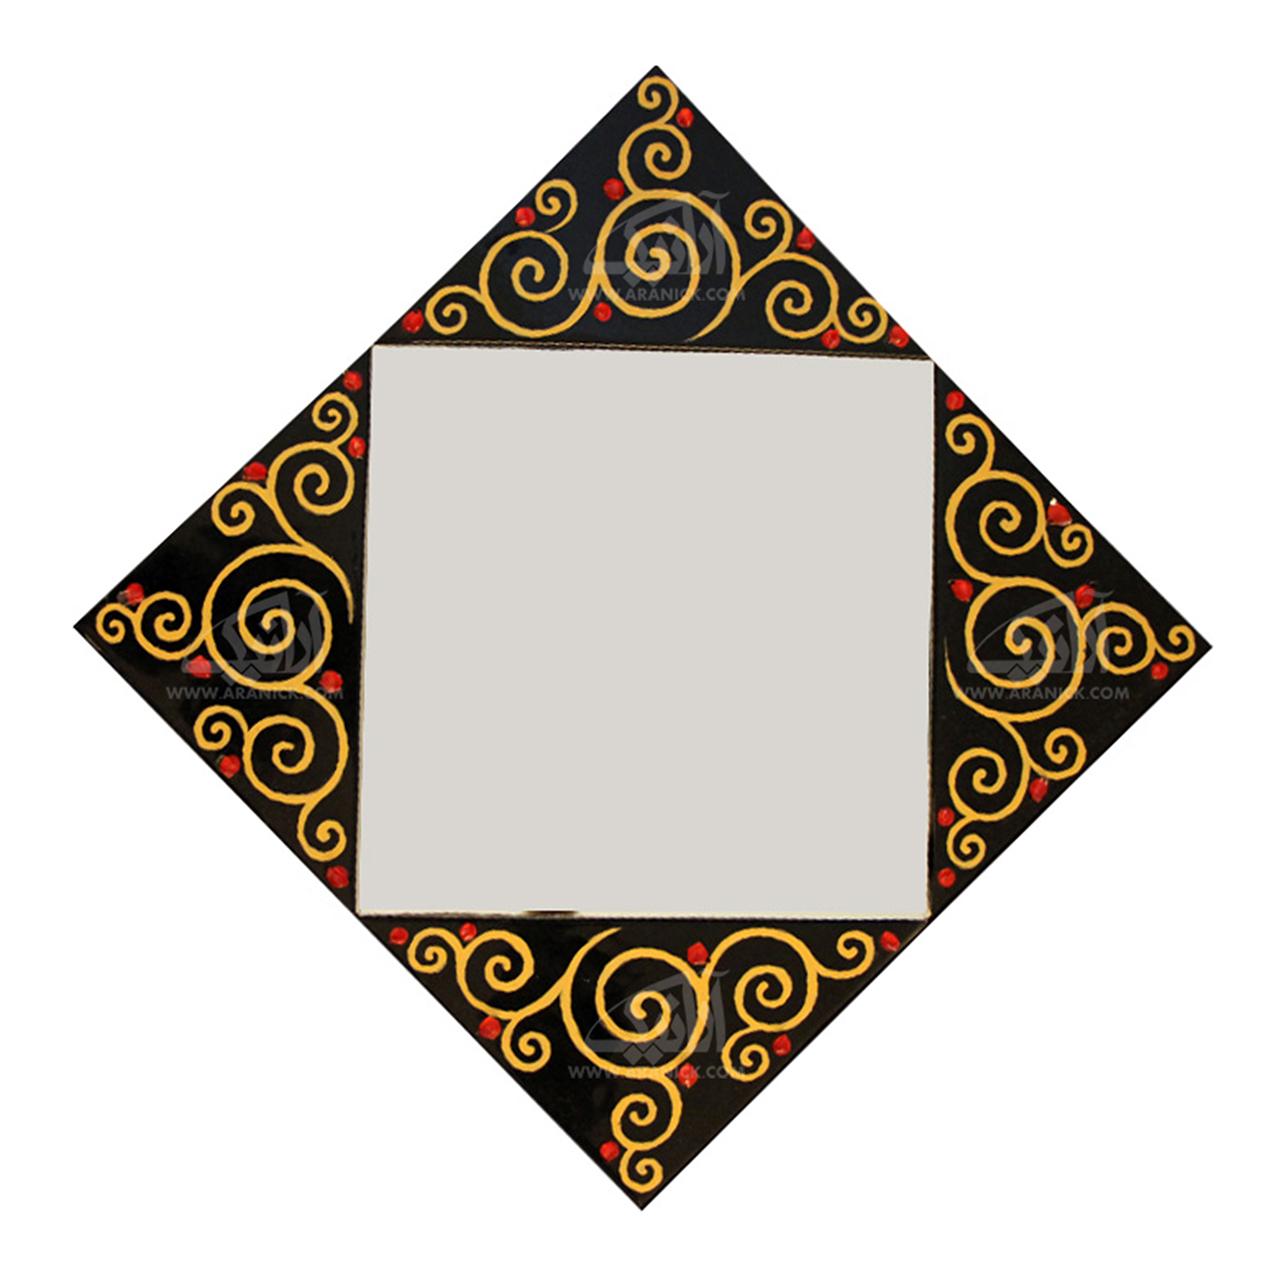 آینه همجوشی شیشه    رنگ مشکی طرح پیچک  مدل 1509800005